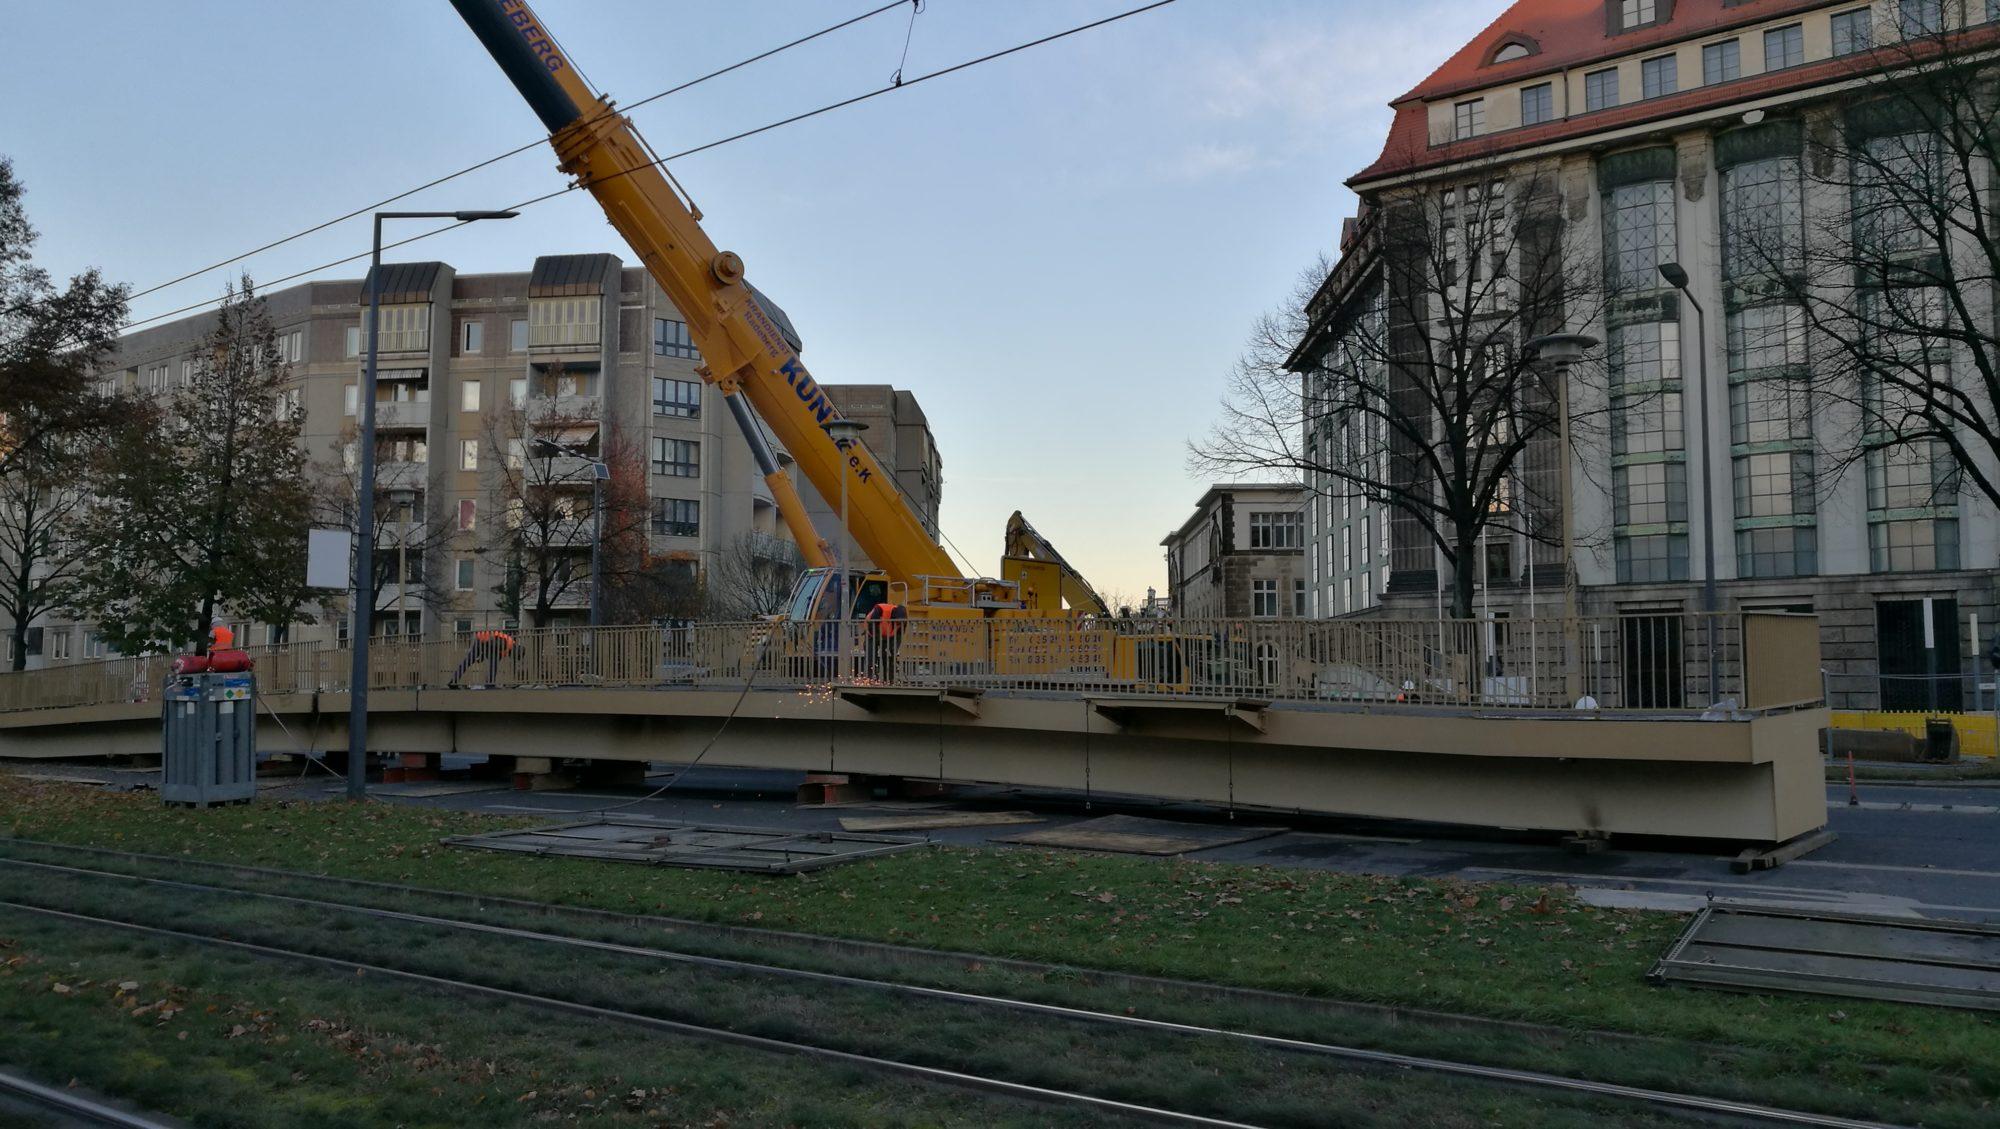 Am Nachmittag lag die Brücke auf der Straße.